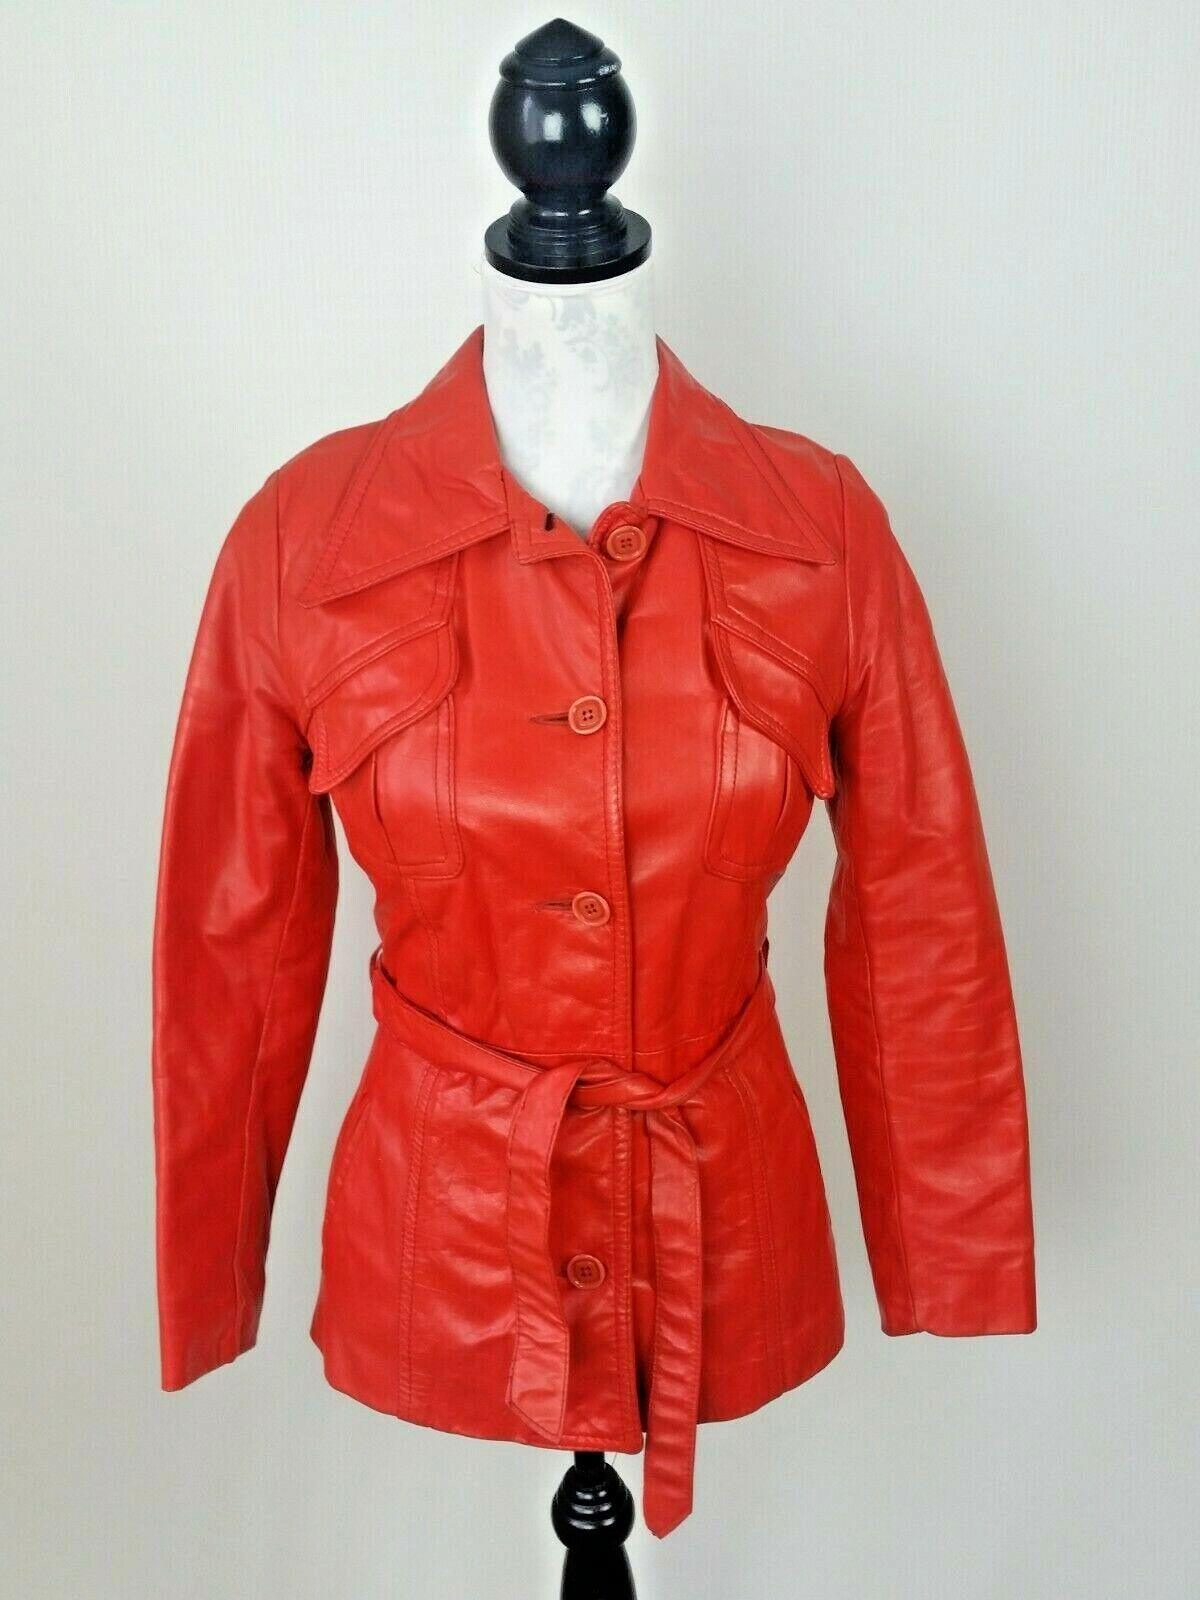 Vintage Orange Leather Womens Jacket Mod 1970s XS - image 1